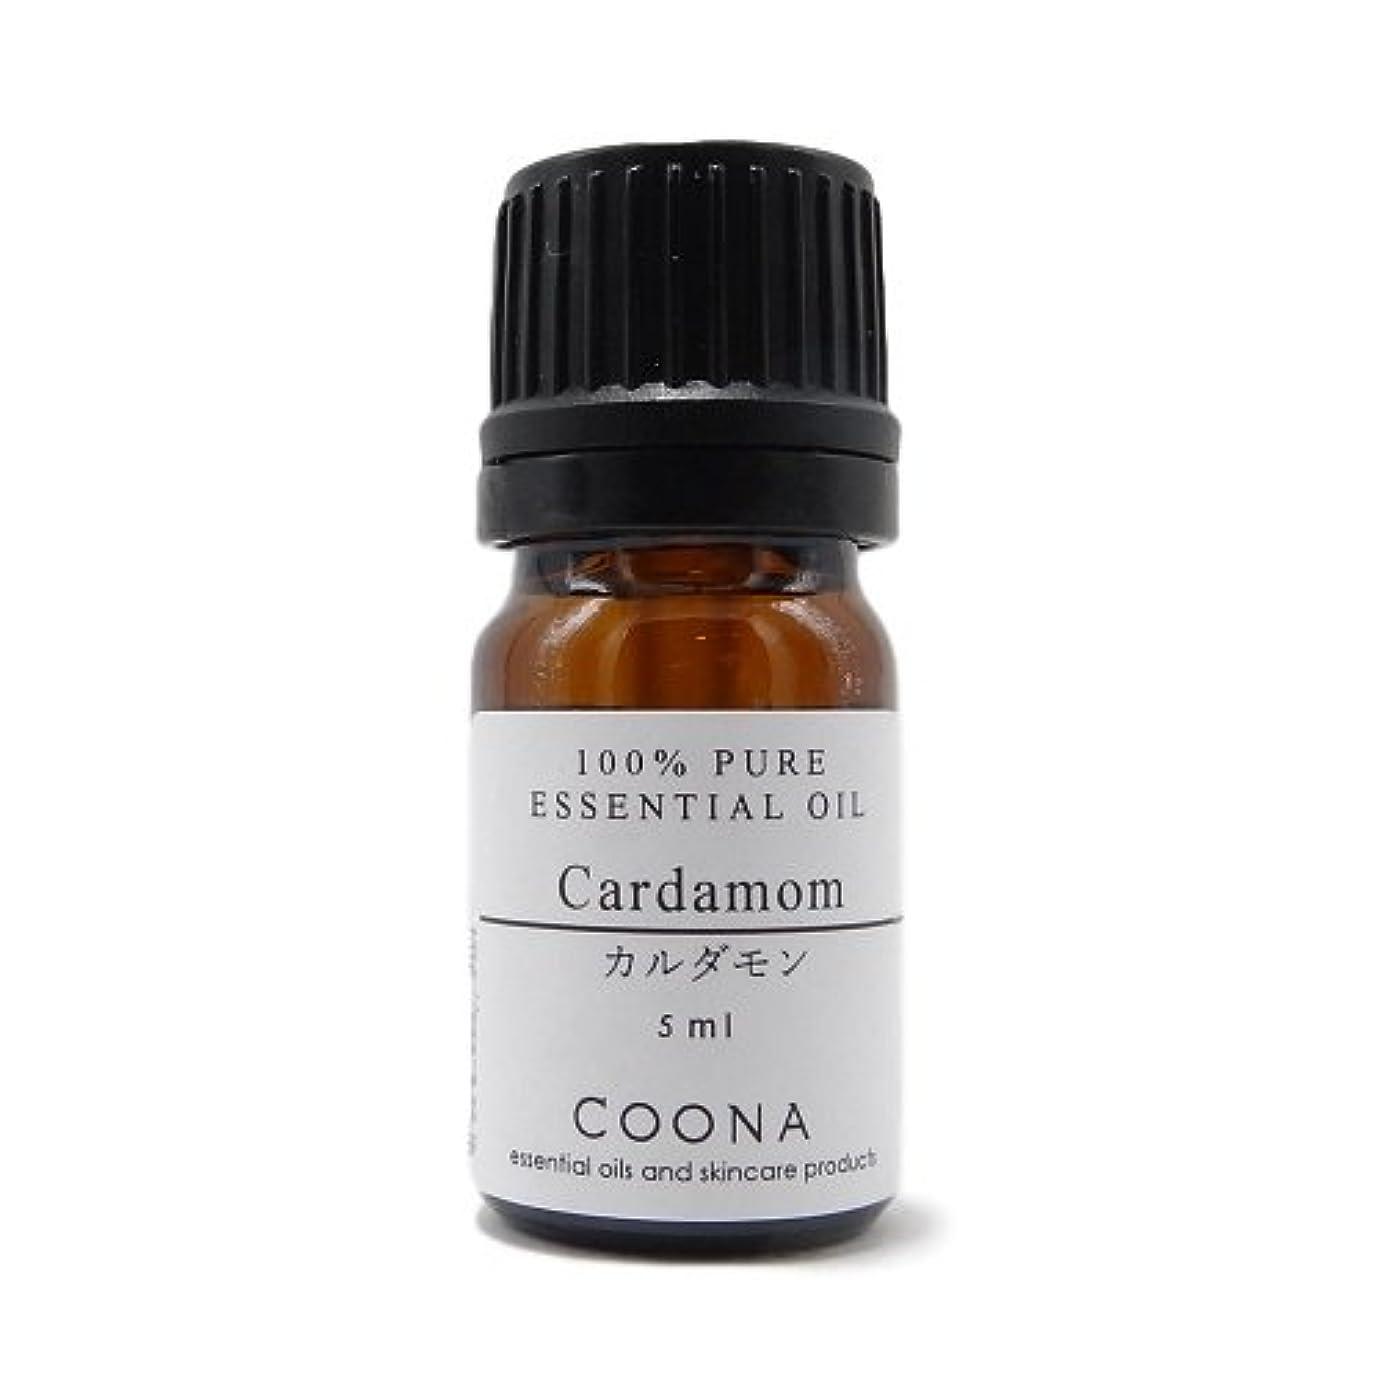 カッター難民ノベルティカルダモン 5 ml (COONA エッセンシャルオイル アロマオイル 100%天然植物精油)